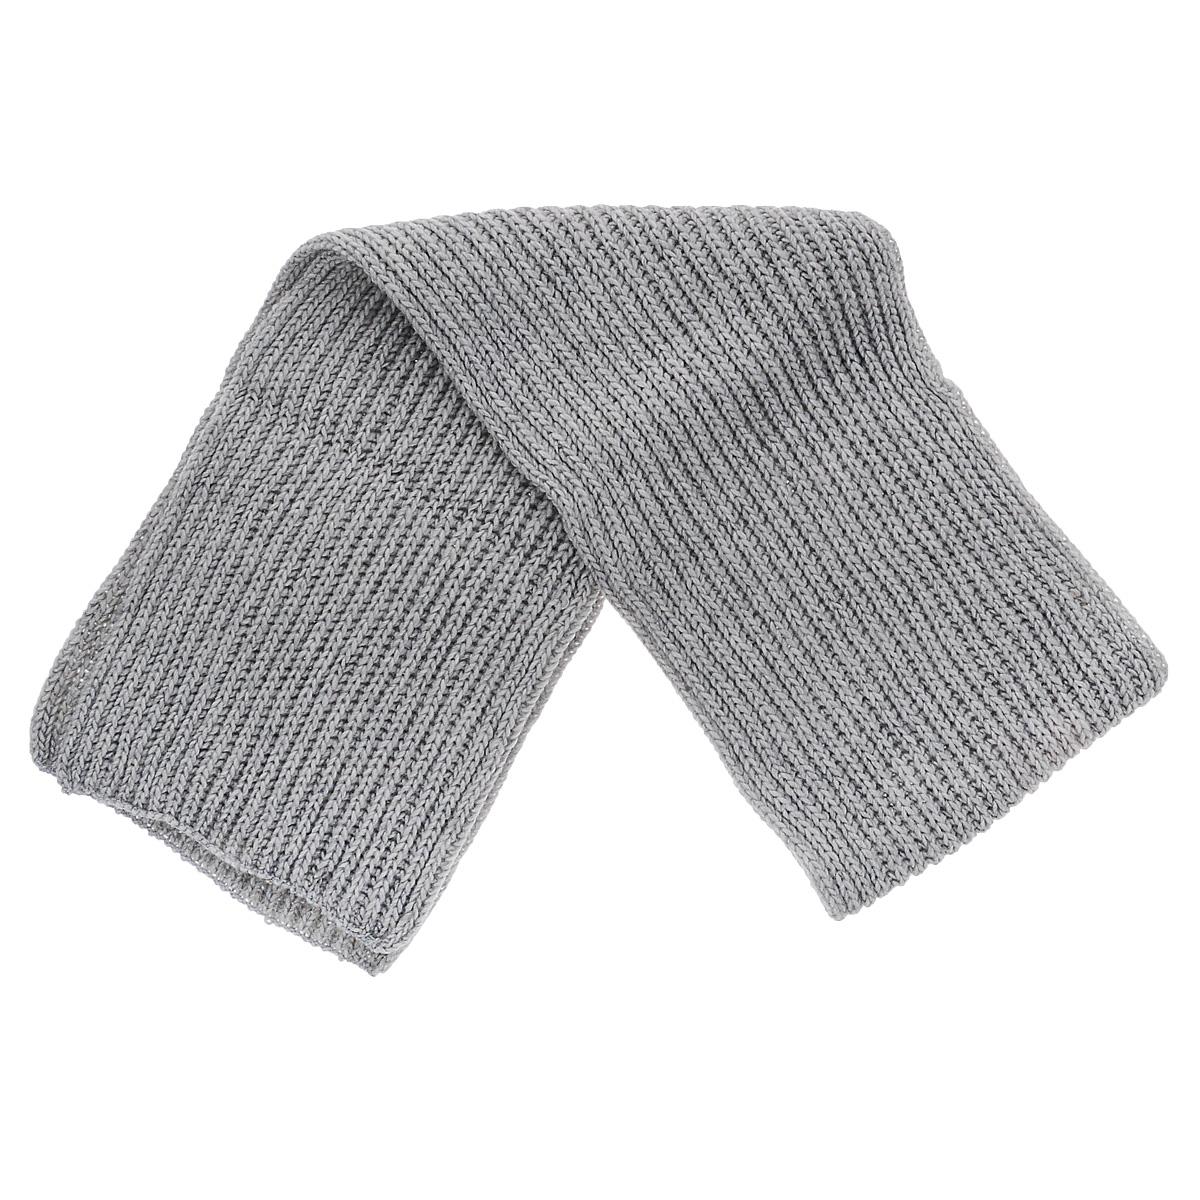 7127S-11 GMВосхитительный женский вязаный шарф - отличная модель для холодной погоды. Сочетание различных материалов обеспечивает сохранение тепла и удобную посадку. Шарф выполнен оригинальной вязкой. Такой аксессуар достойно дополнит ваш гардероб.